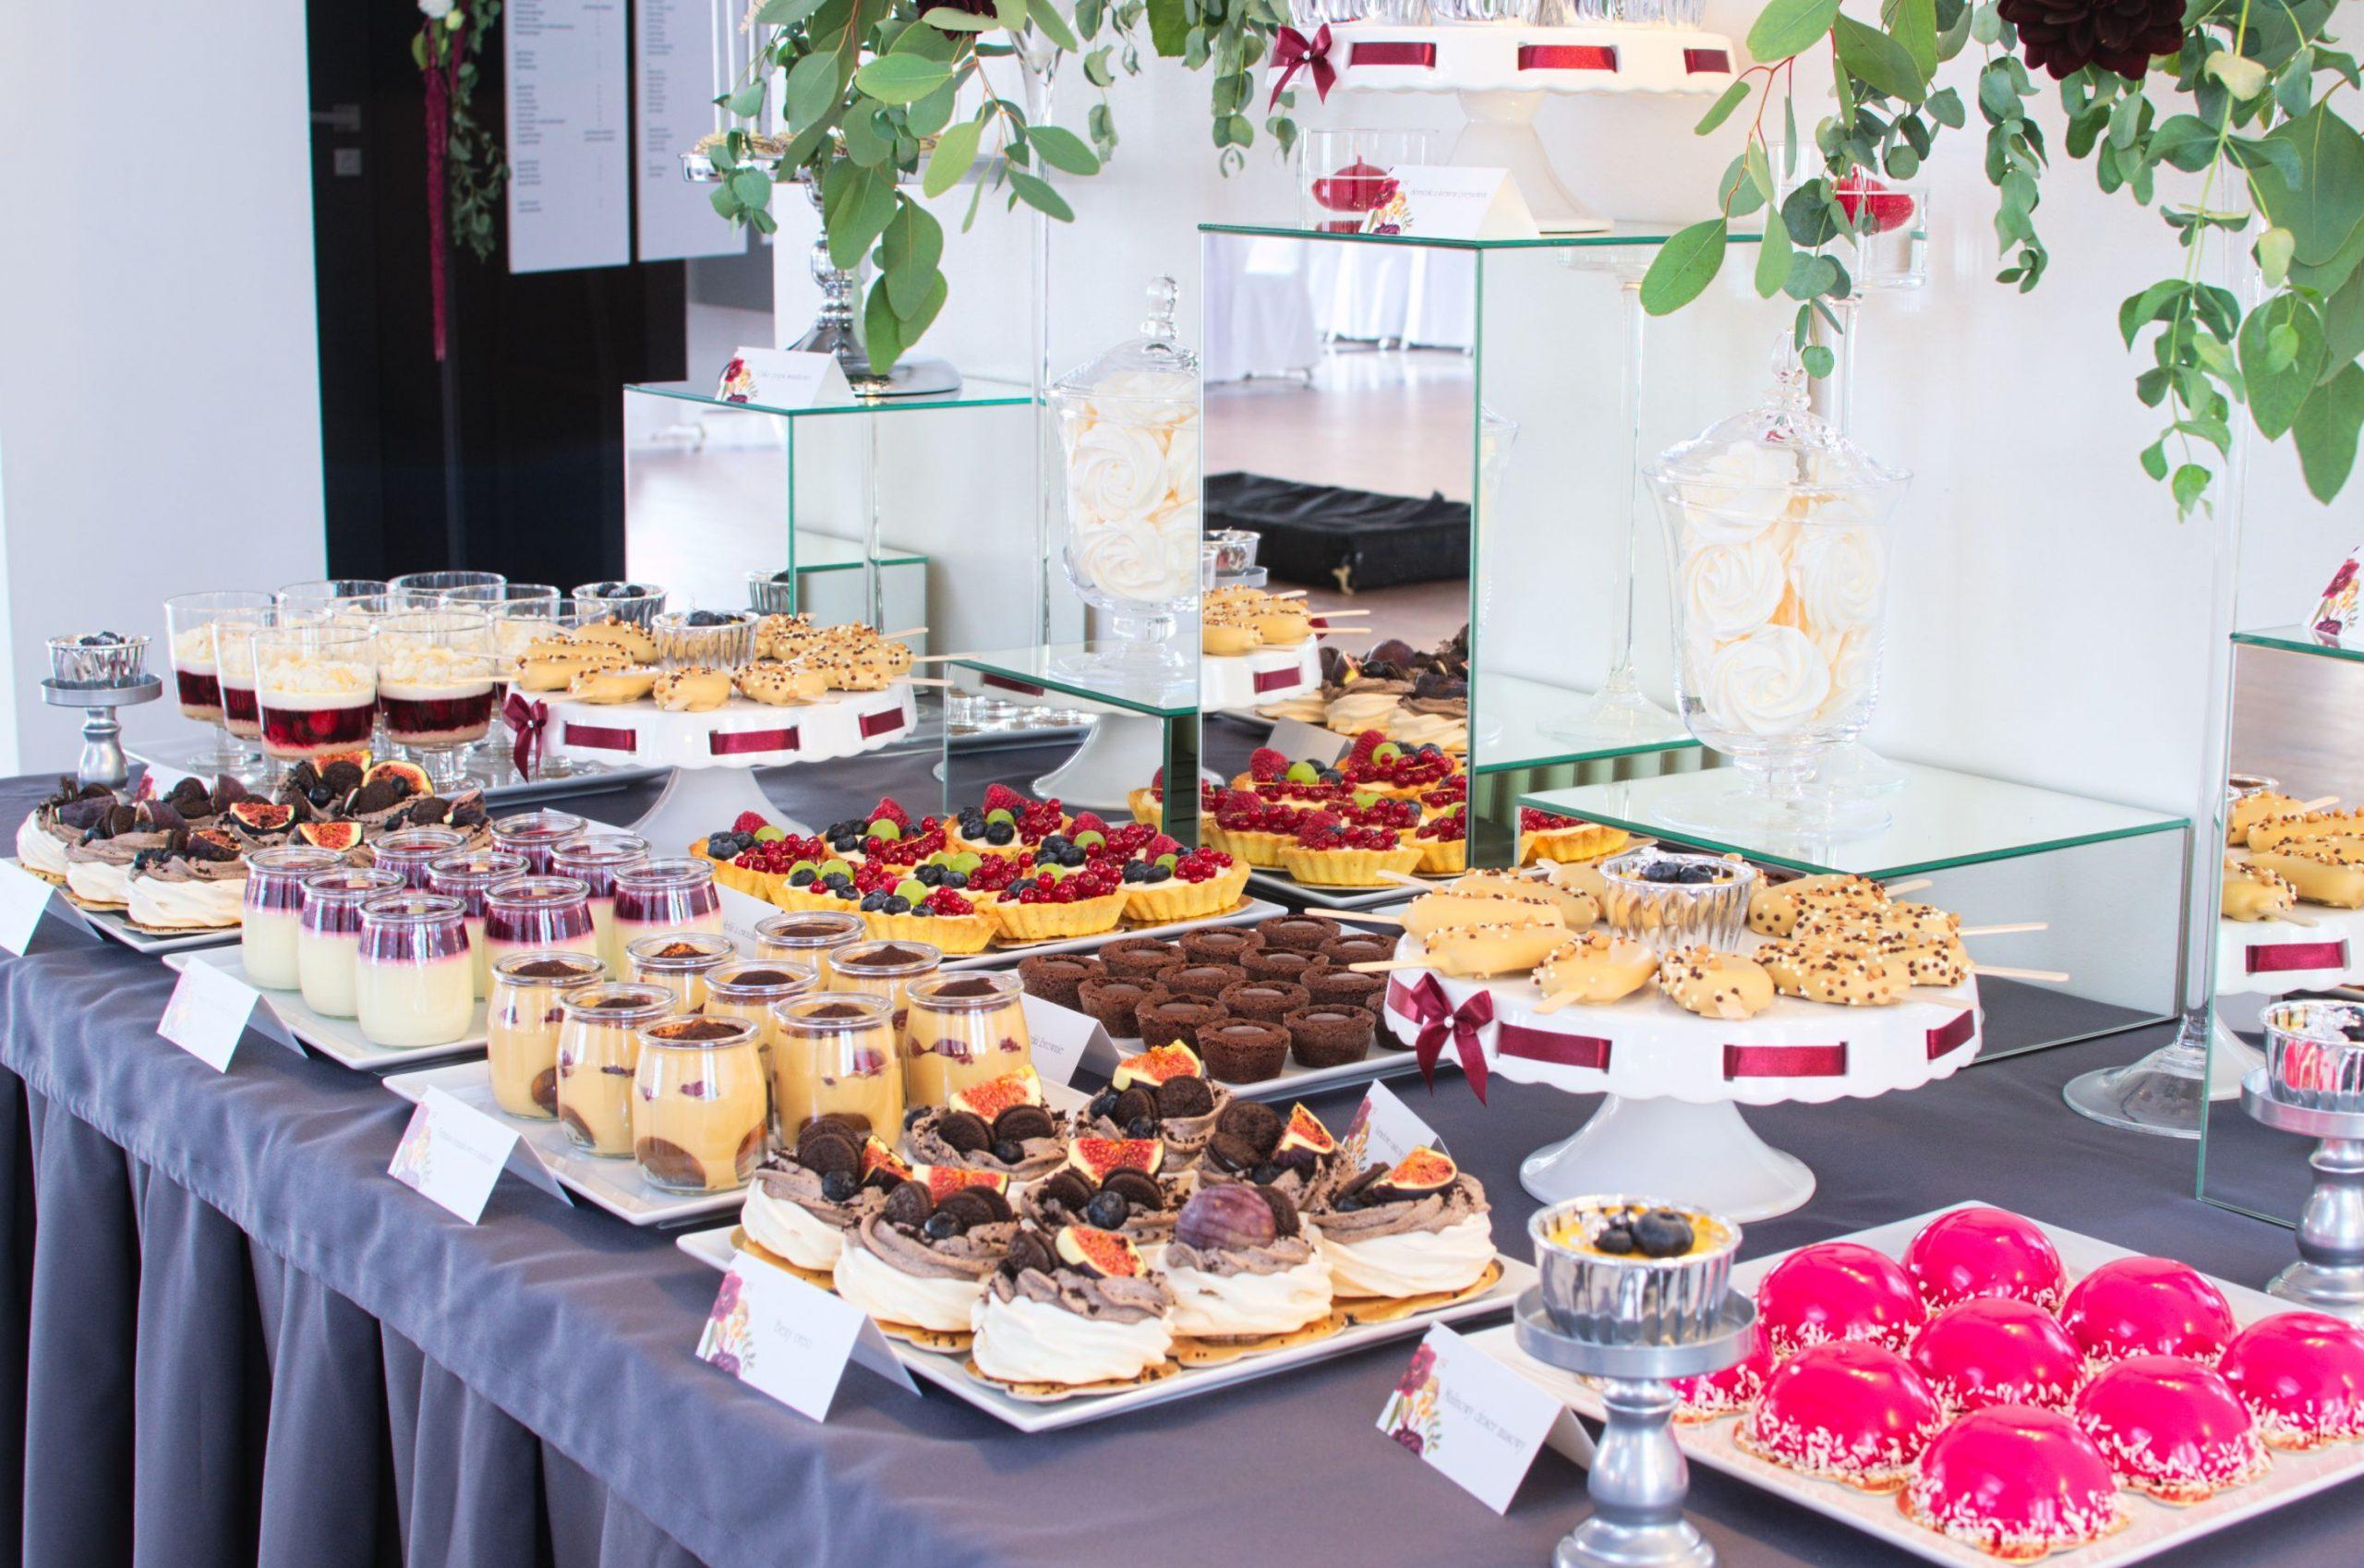 Słodki stół przygotowany na wesele Angeli i Przemka